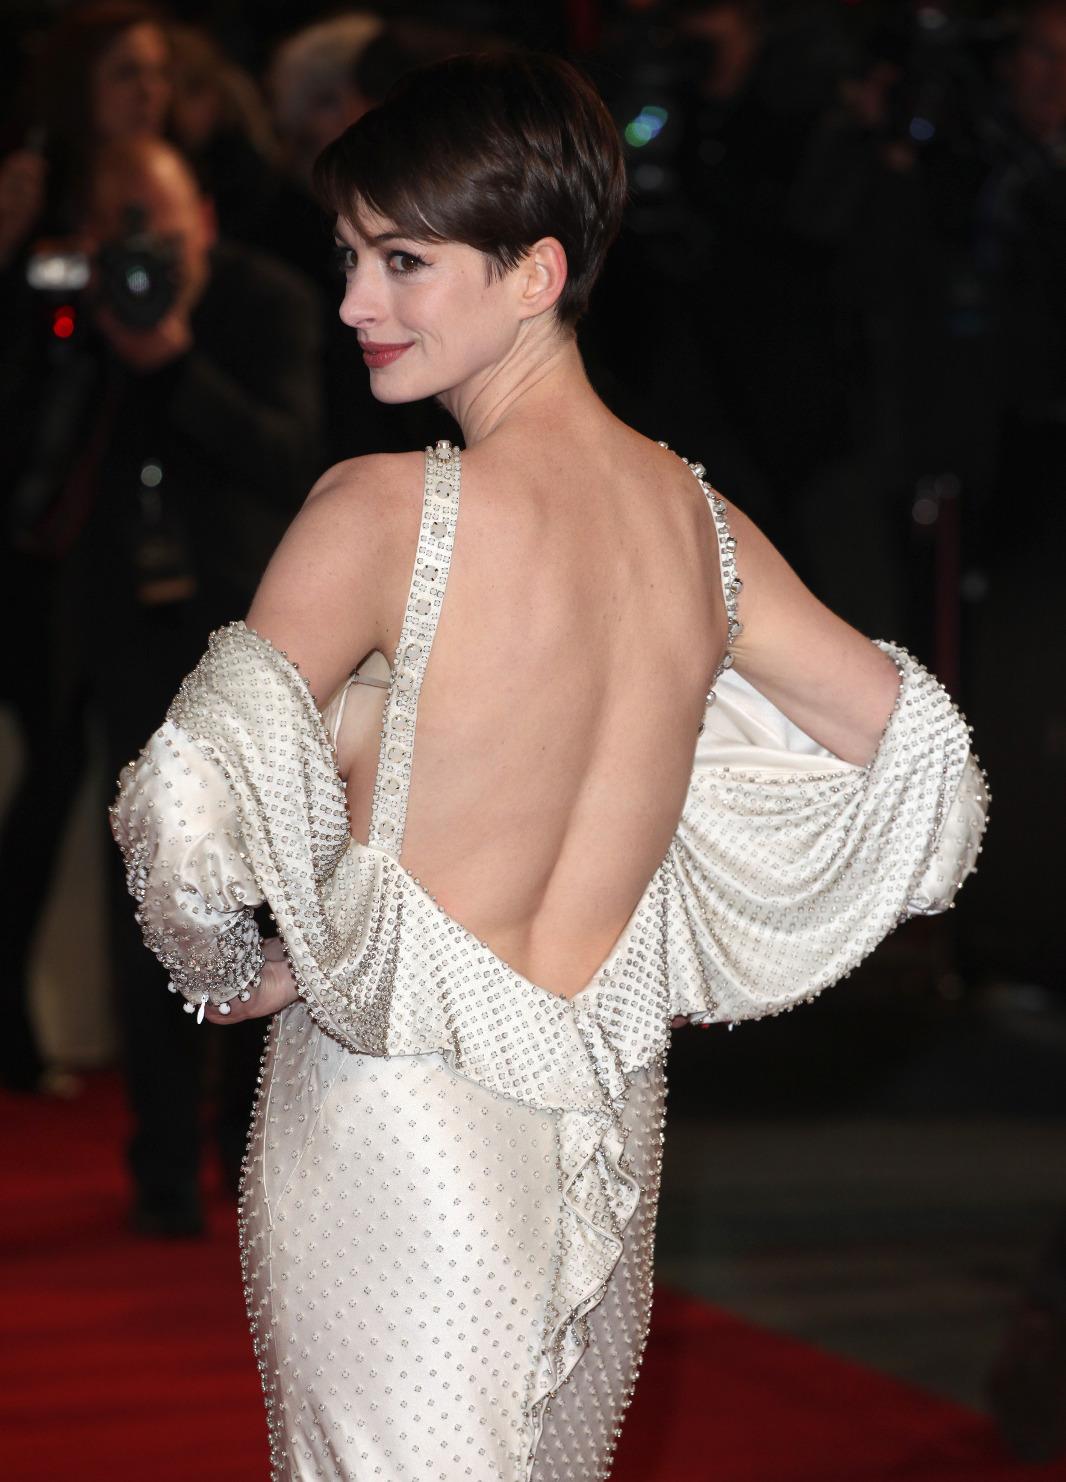 http://1.bp.blogspot.com/-soUAaLsYBOU/USoxcEH1PuI/AAAAAAAAAIc/9ikhPtawvN0/s1600/Anne+Hathaway+5.jpg